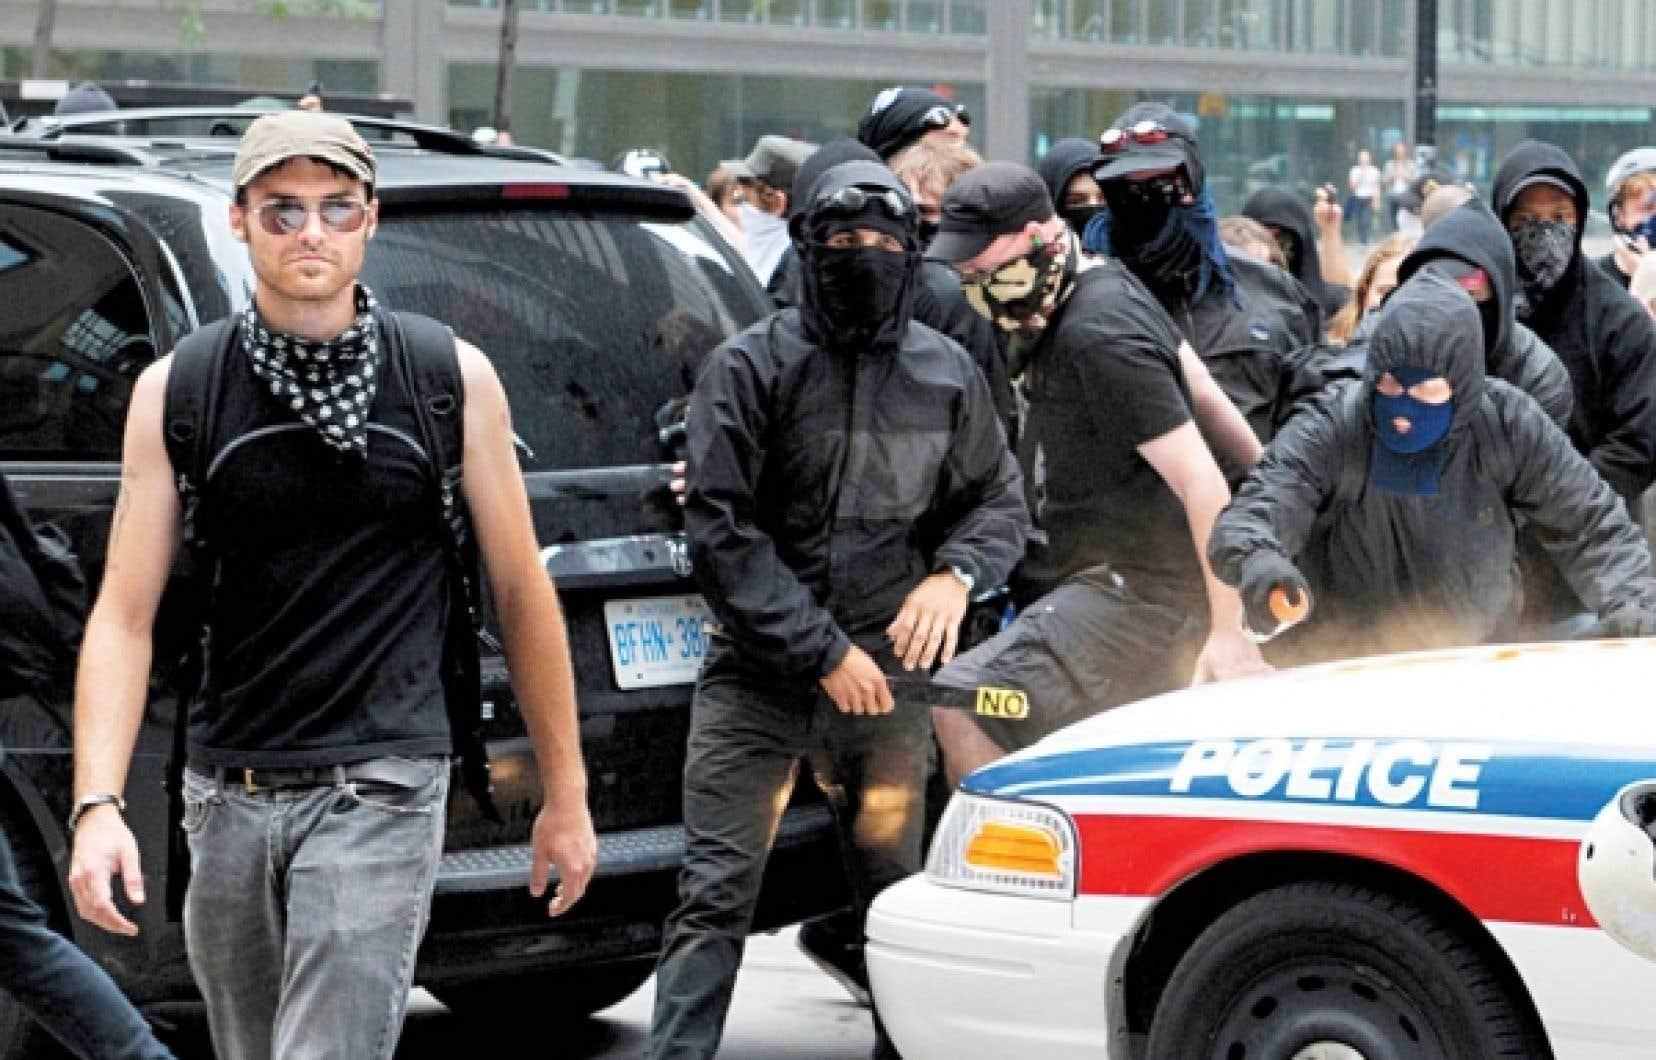 Des membres des Black Blocs ne croient pas qu'il faut toujours avoir recours à la force, ni qu'il s'agit là de la forme la plus pure du militantisme.